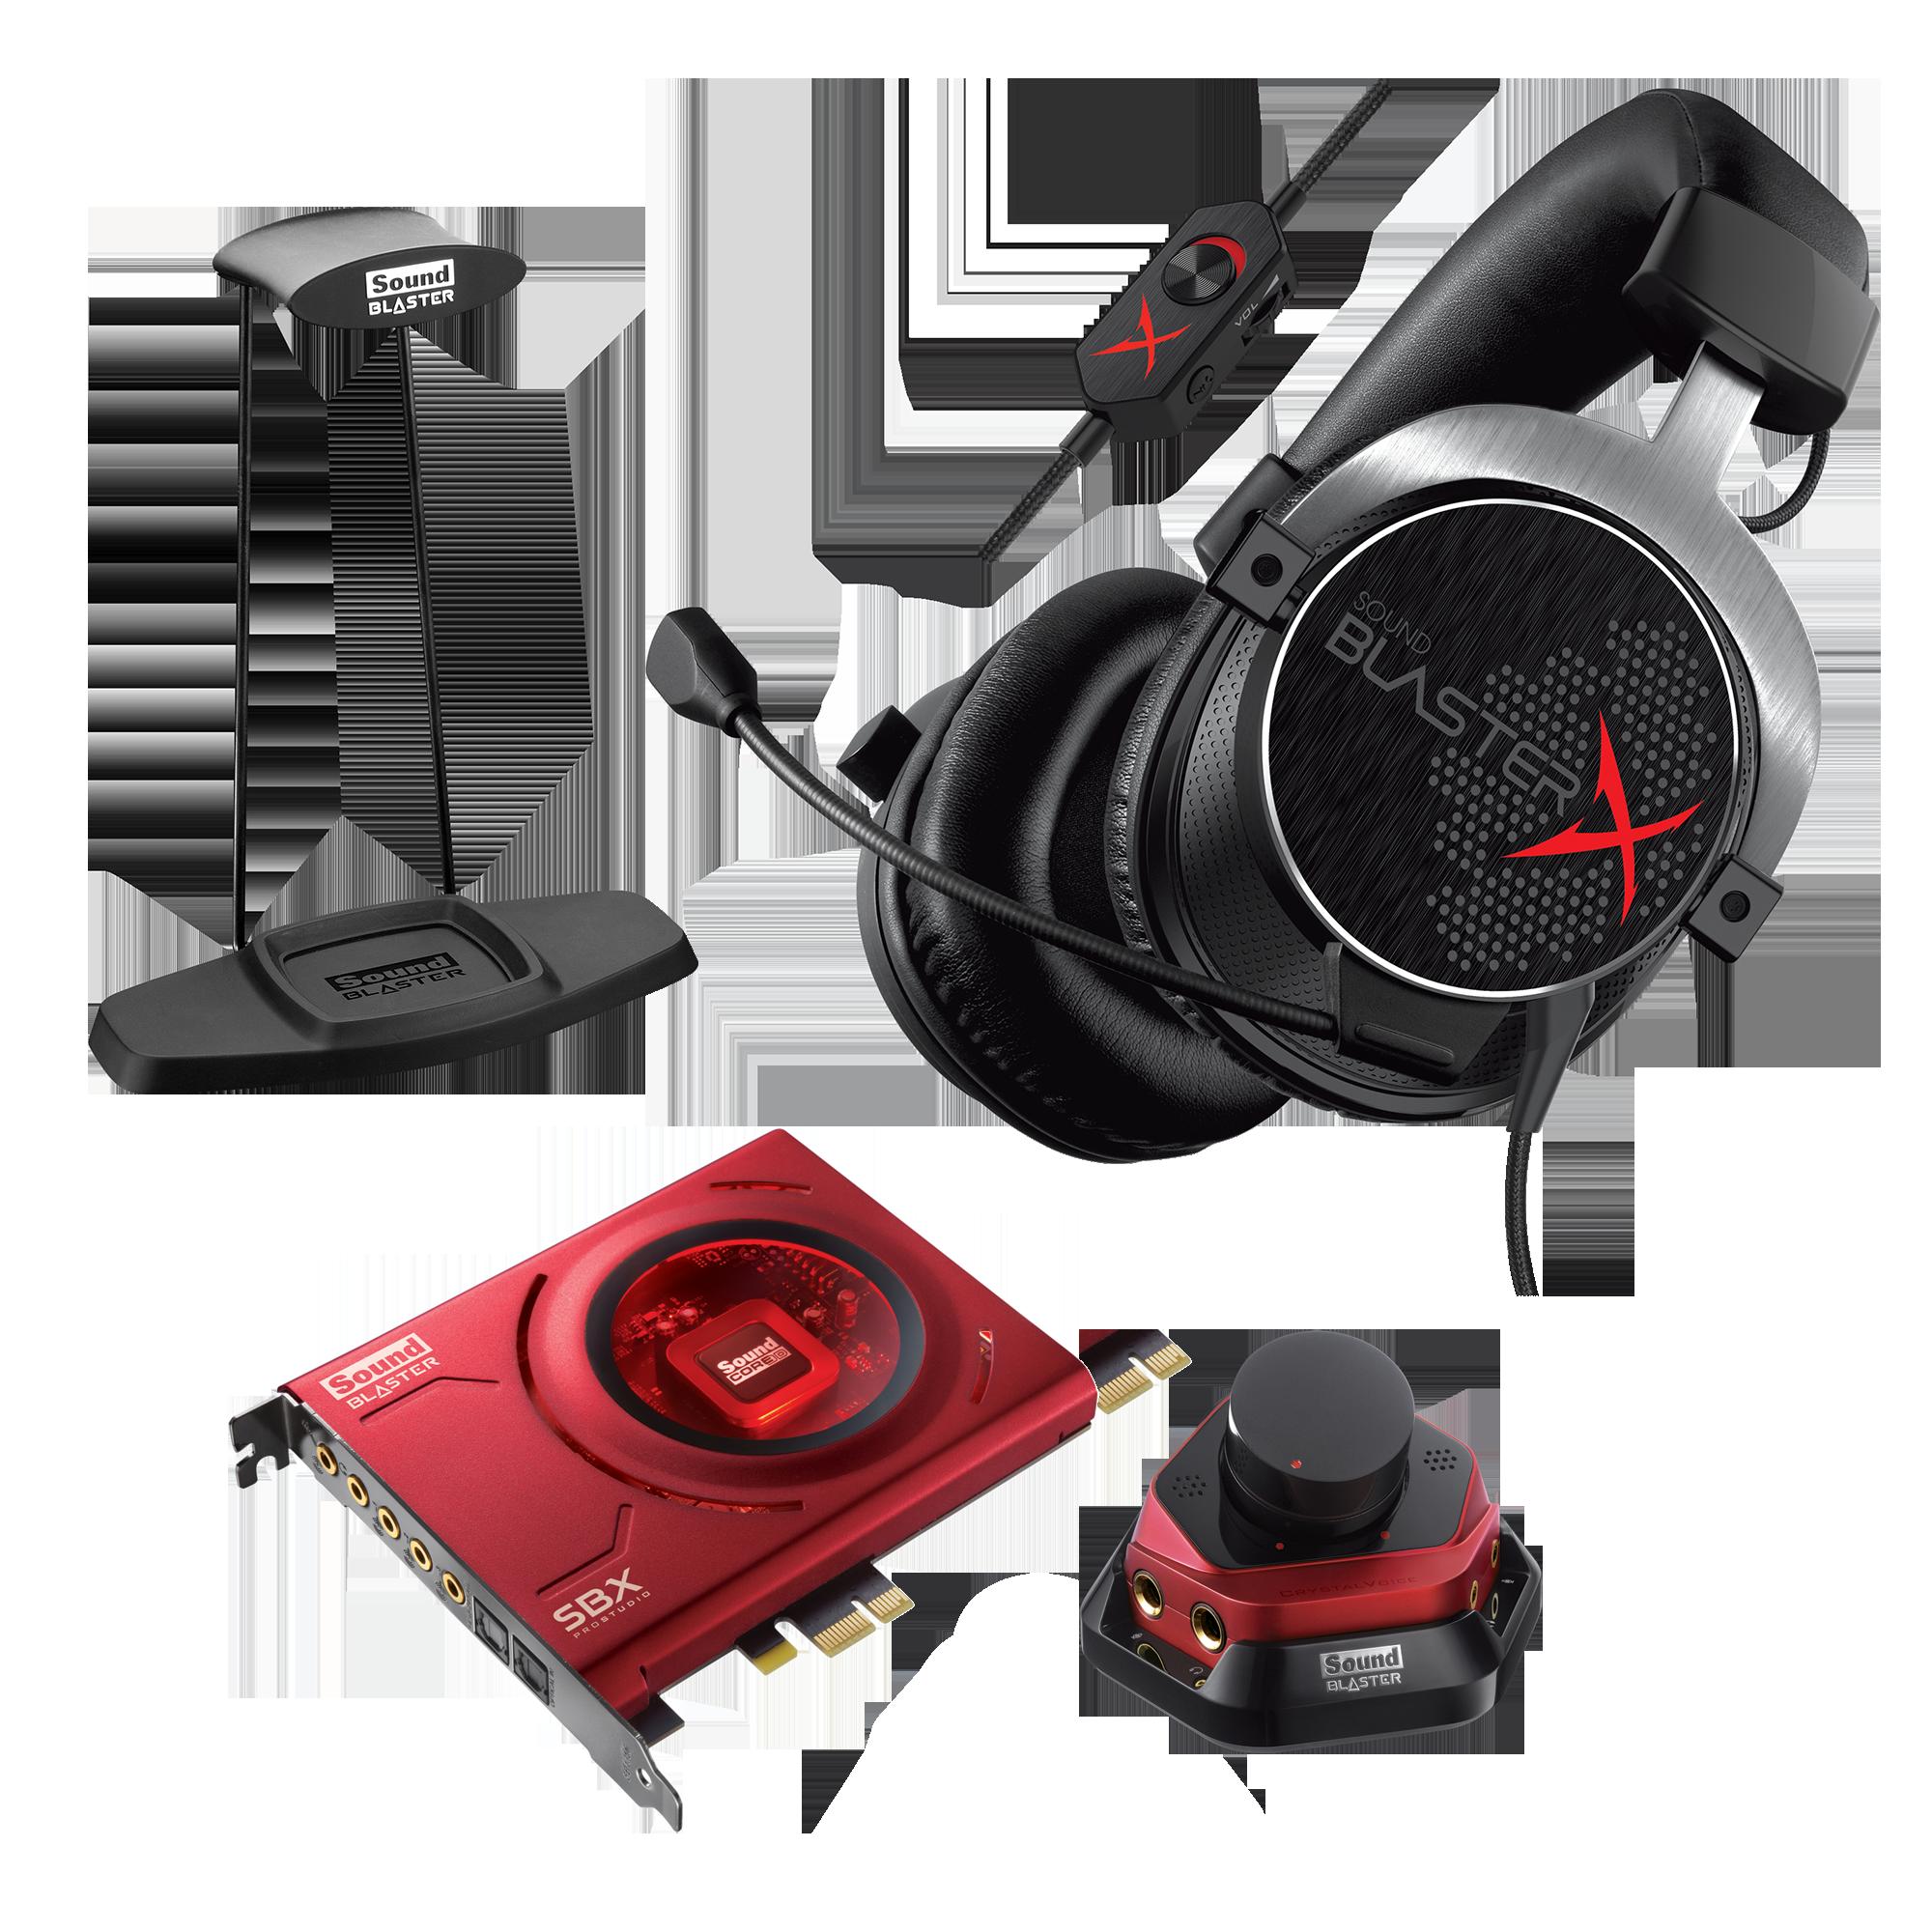 Sound BlasterX H5 Gaming Bundle